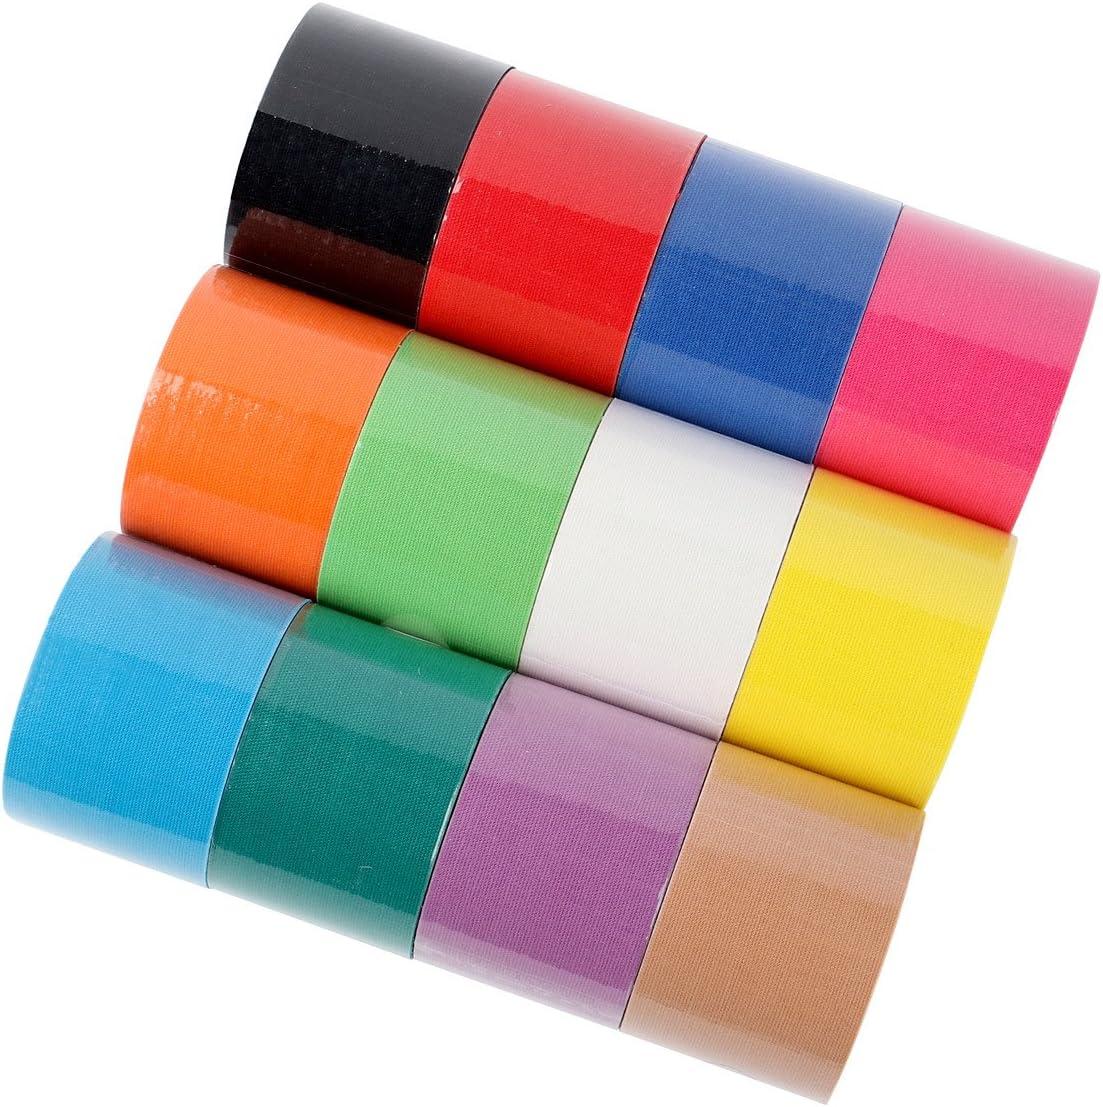 FITOP Cinta Kinesiologia 12 Rollos Sport Tape en colores de arcoíris mezclados